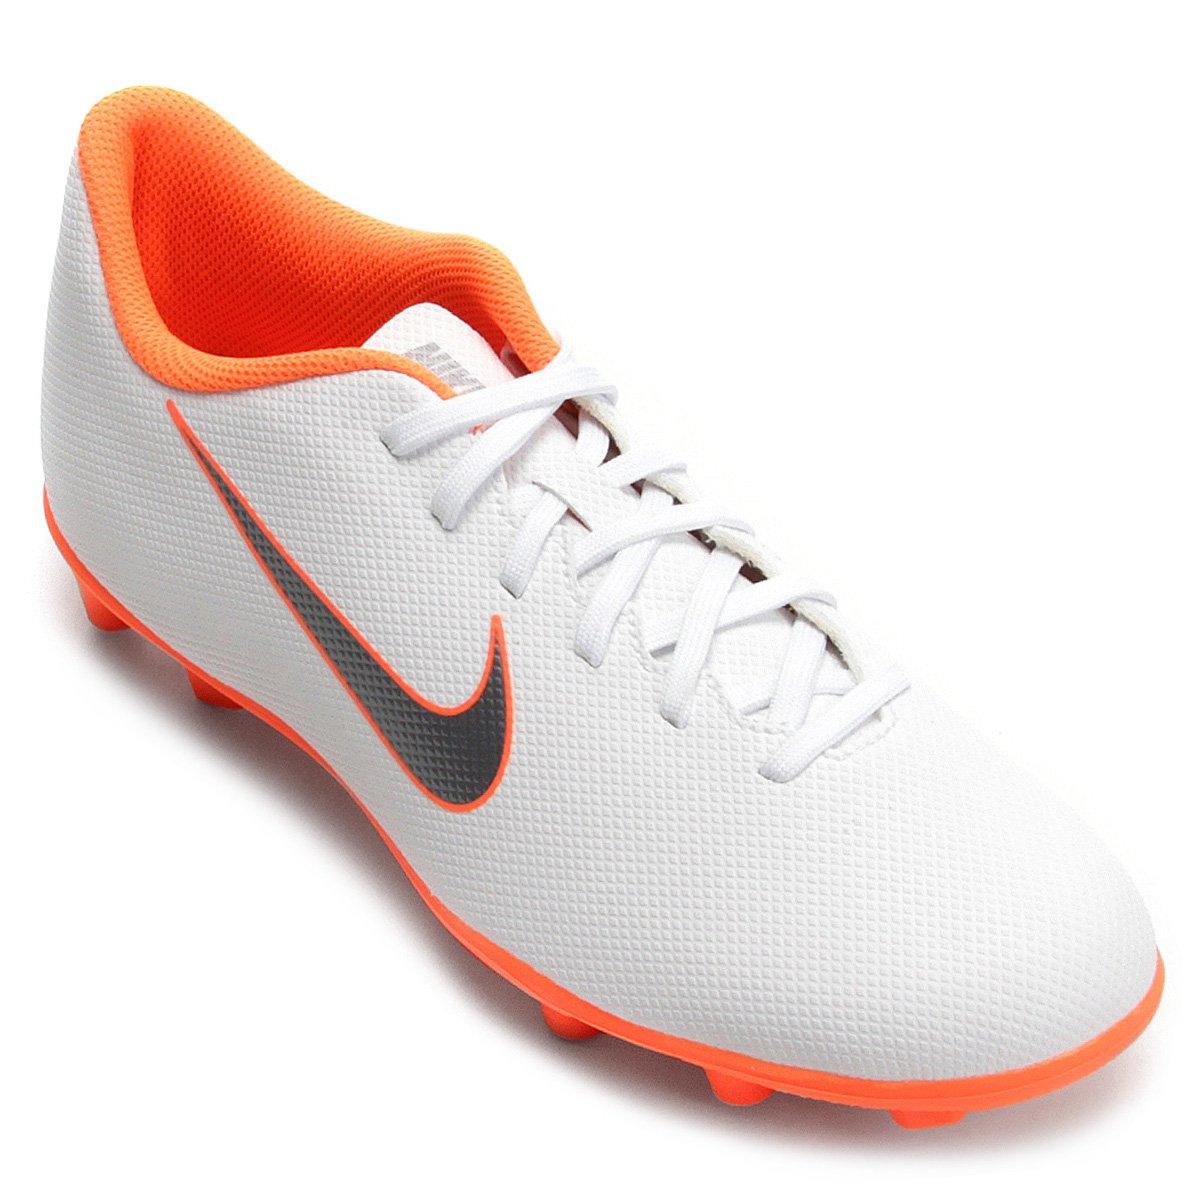 new arrival 7f64a 77f22 Chuteira Campo Nike Mercurial Vapor 12 Club - Branco e Cinza - Compre Agora    Loja do Inter